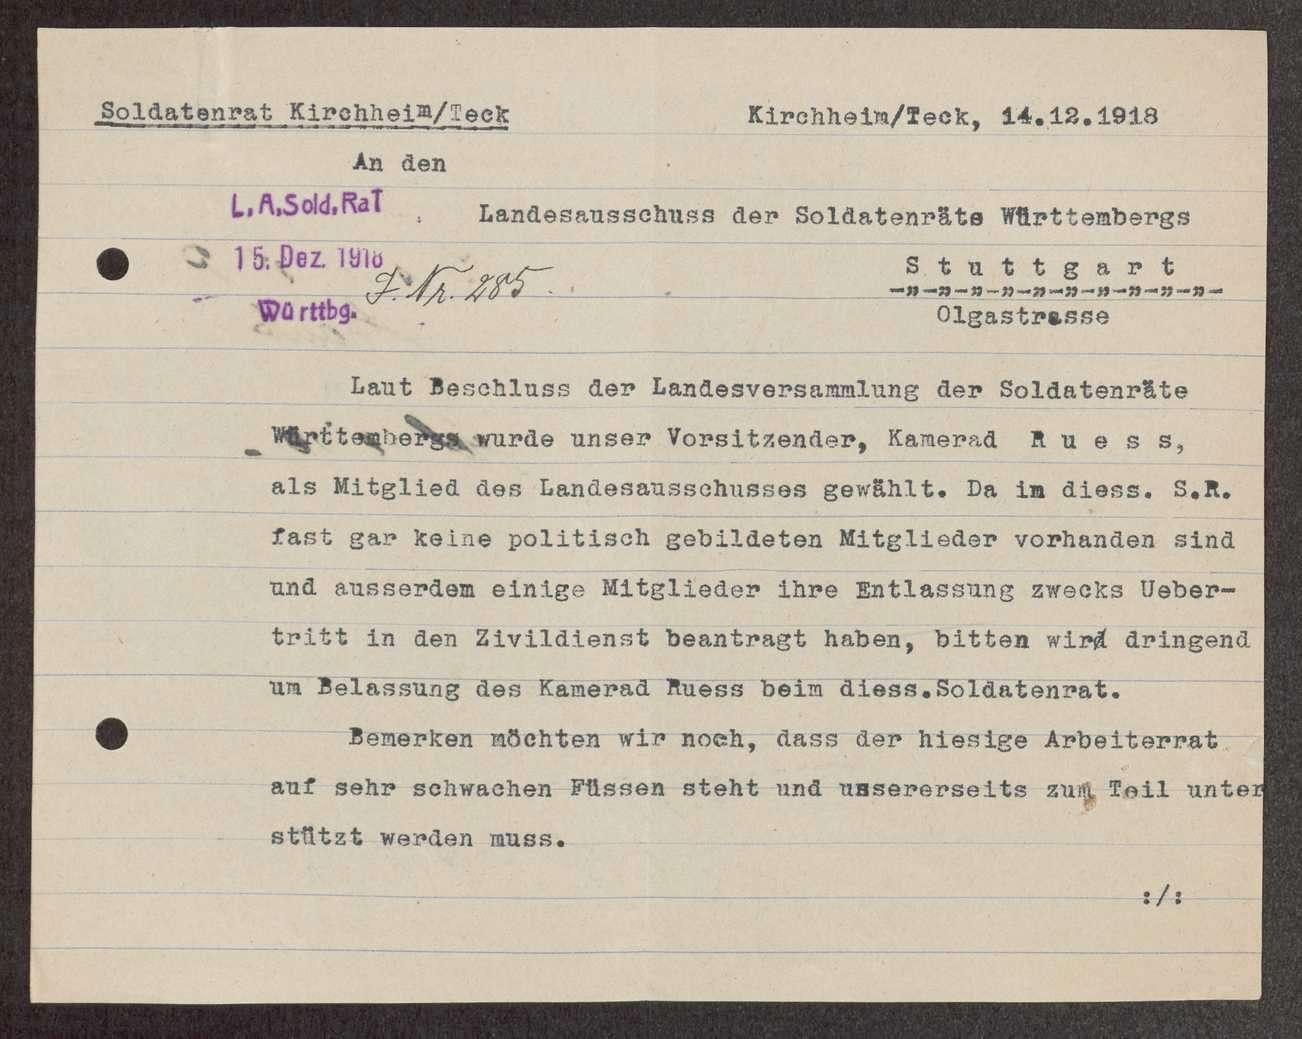 Soldatenrat Kirchheim: Zusammensetzung, Aufhebung, Bild 2